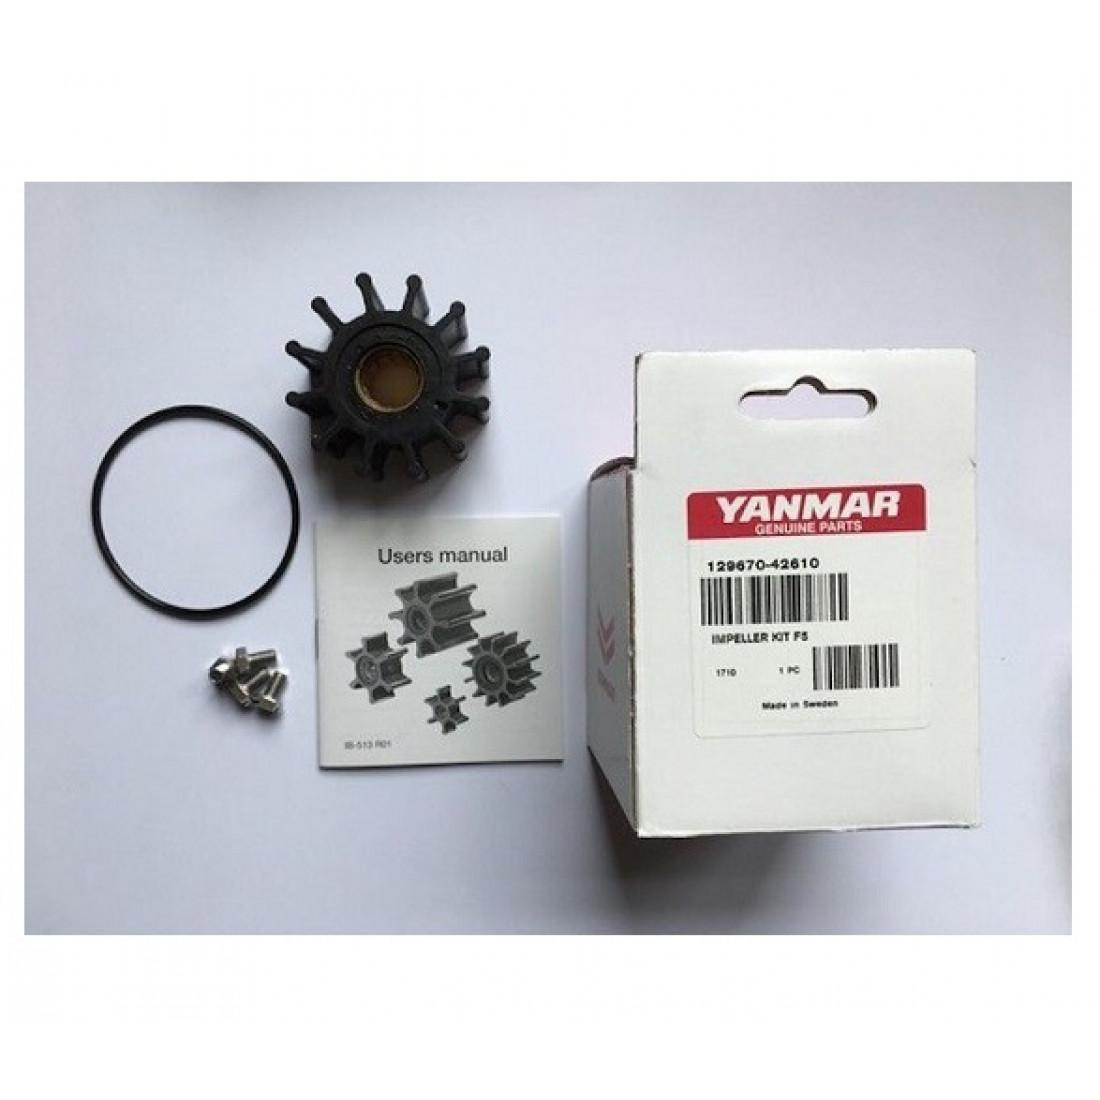 Impeller Kit 129670-42610